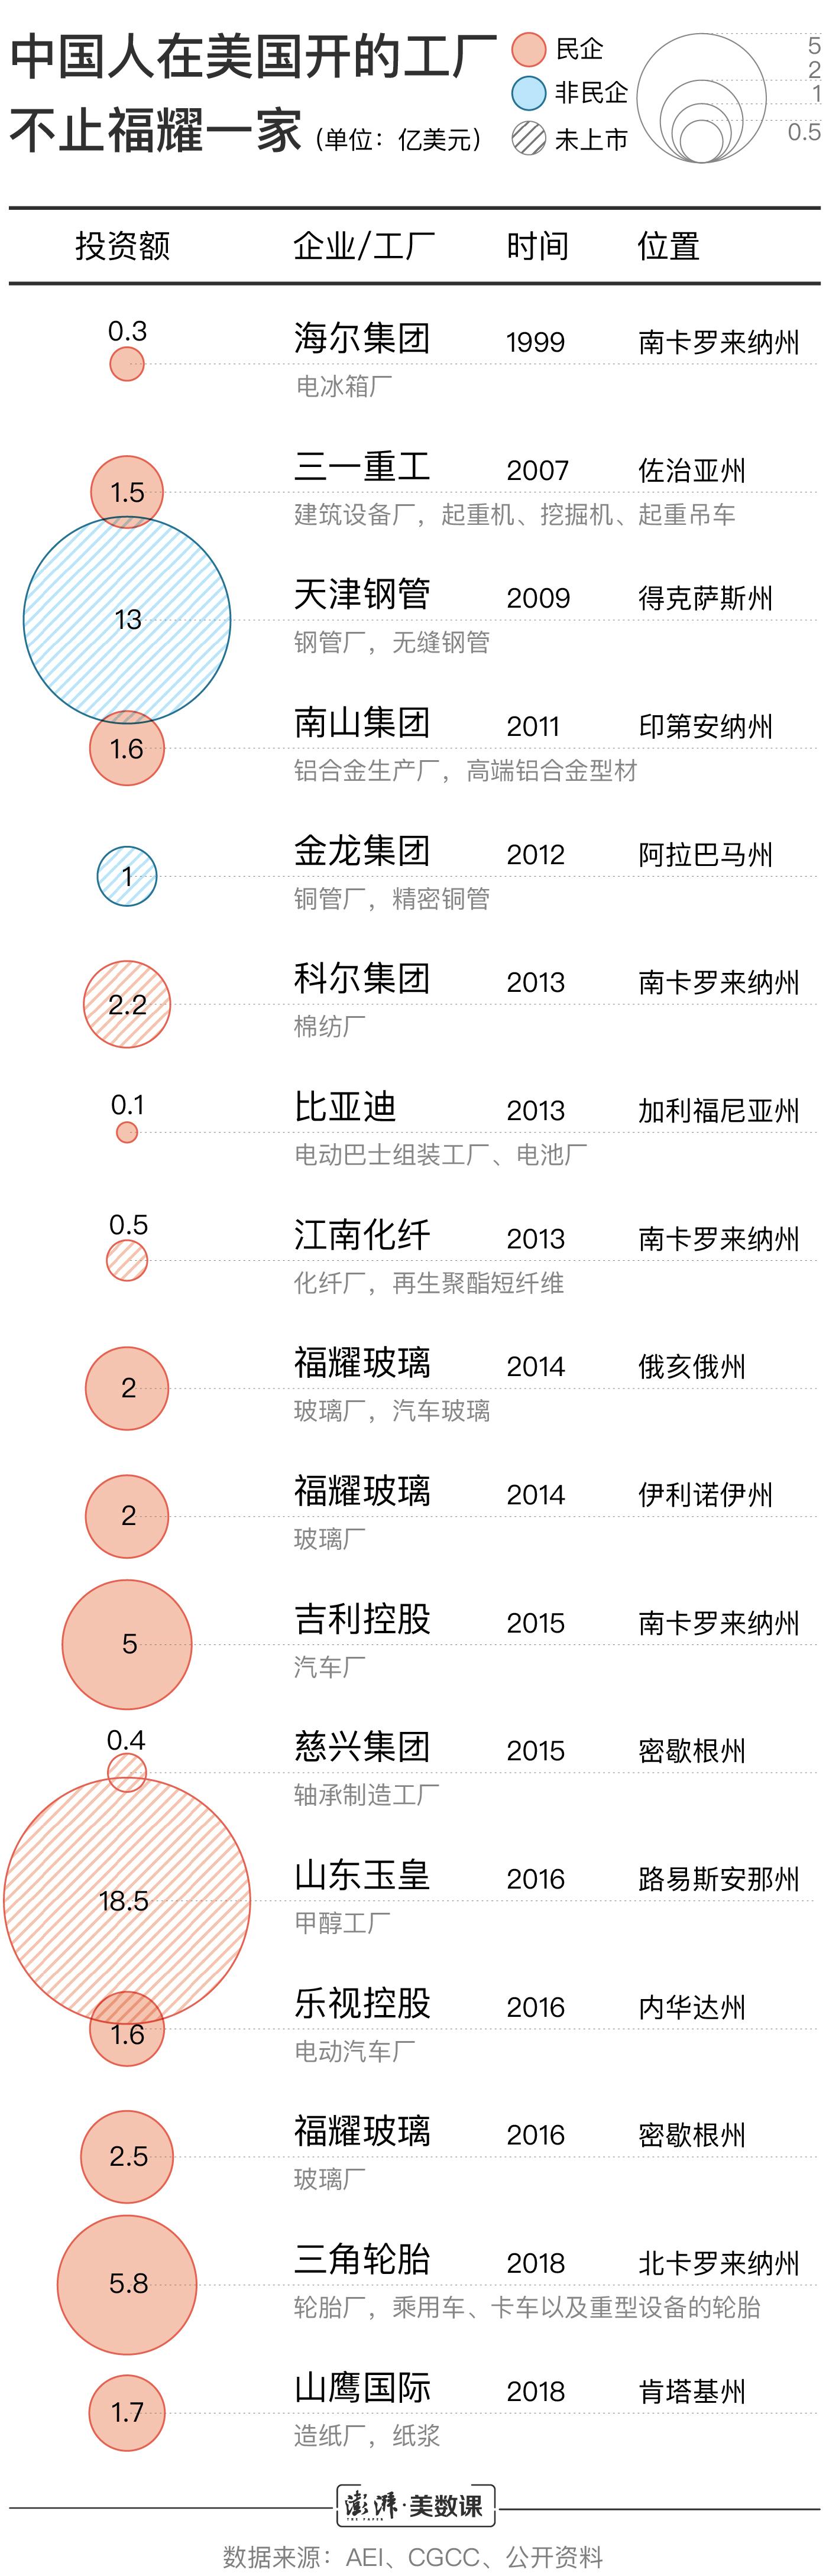 http://www.sjtuedu.com.cn/caijingguanzhu/250140.html